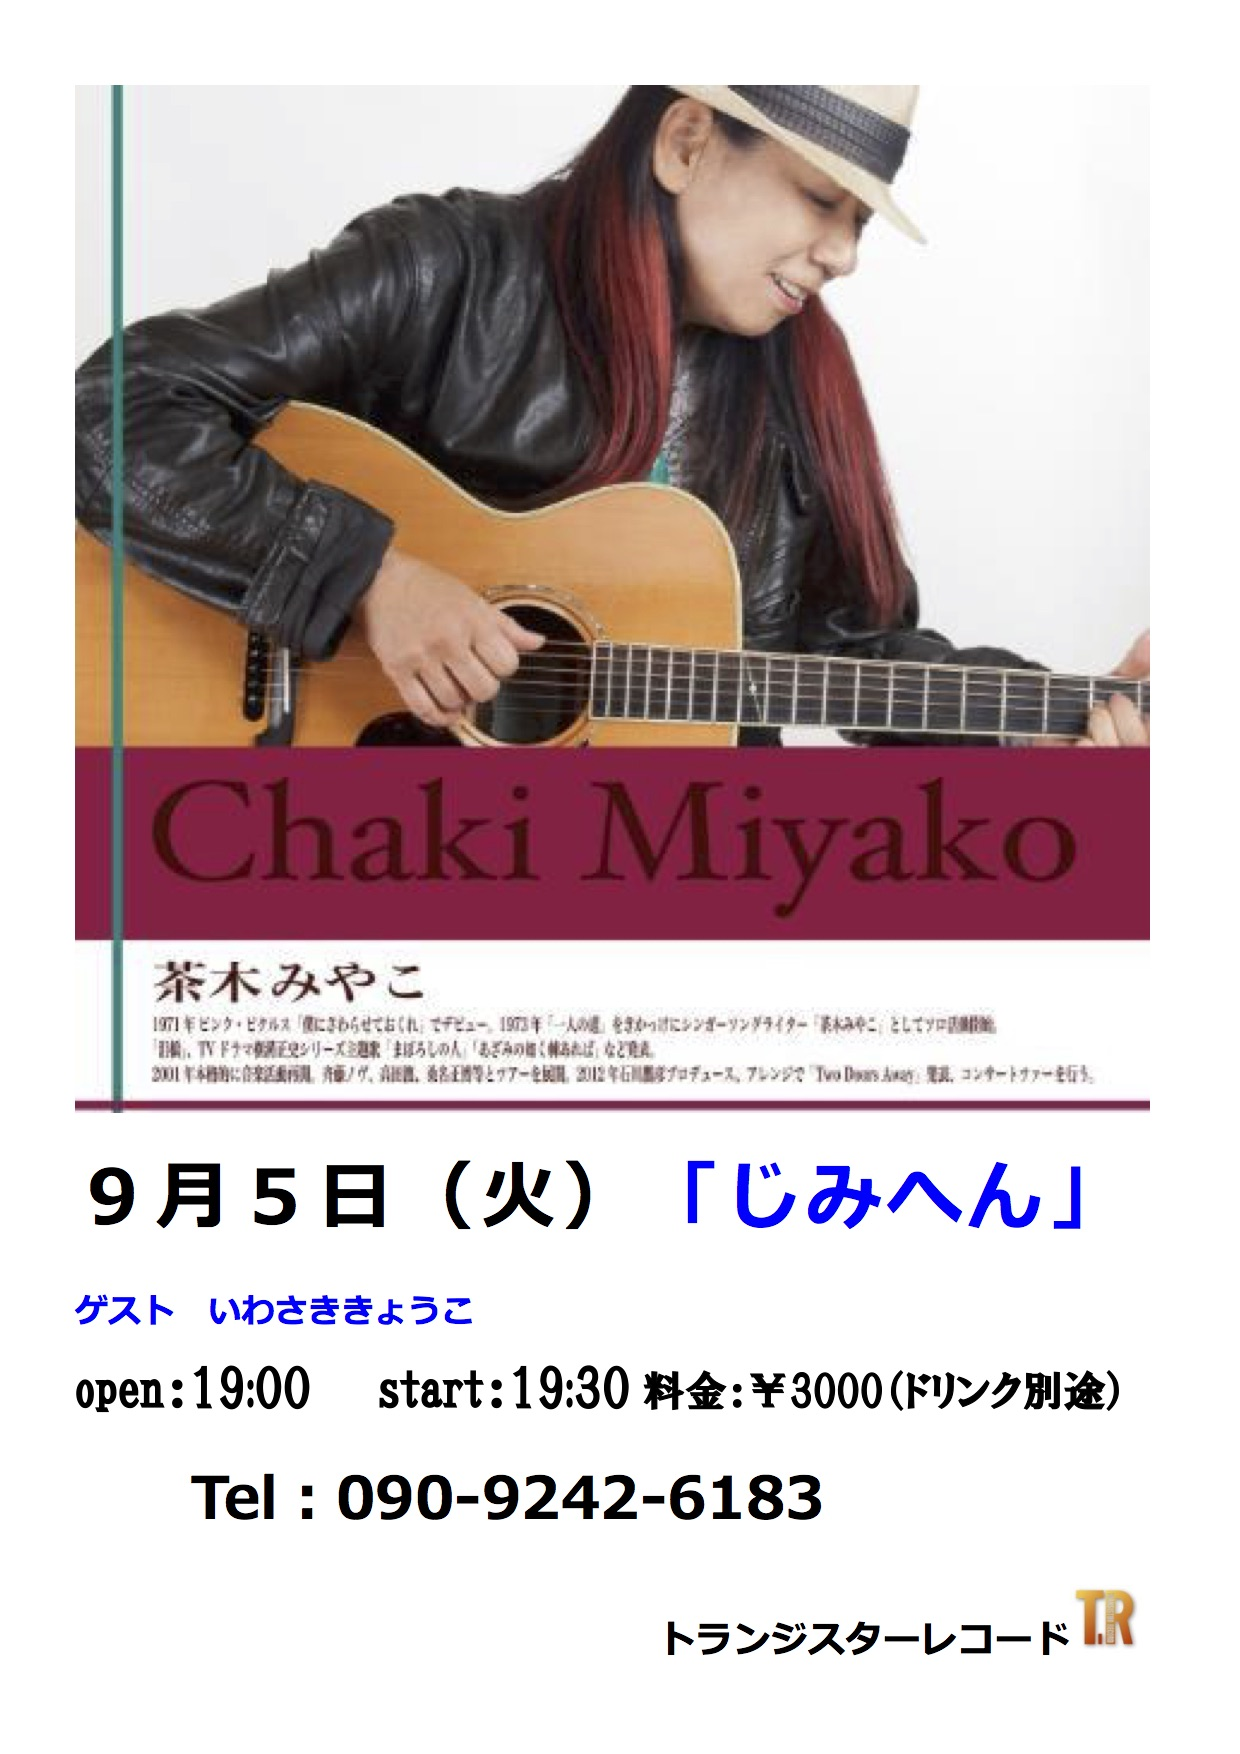 95ちゃき13501